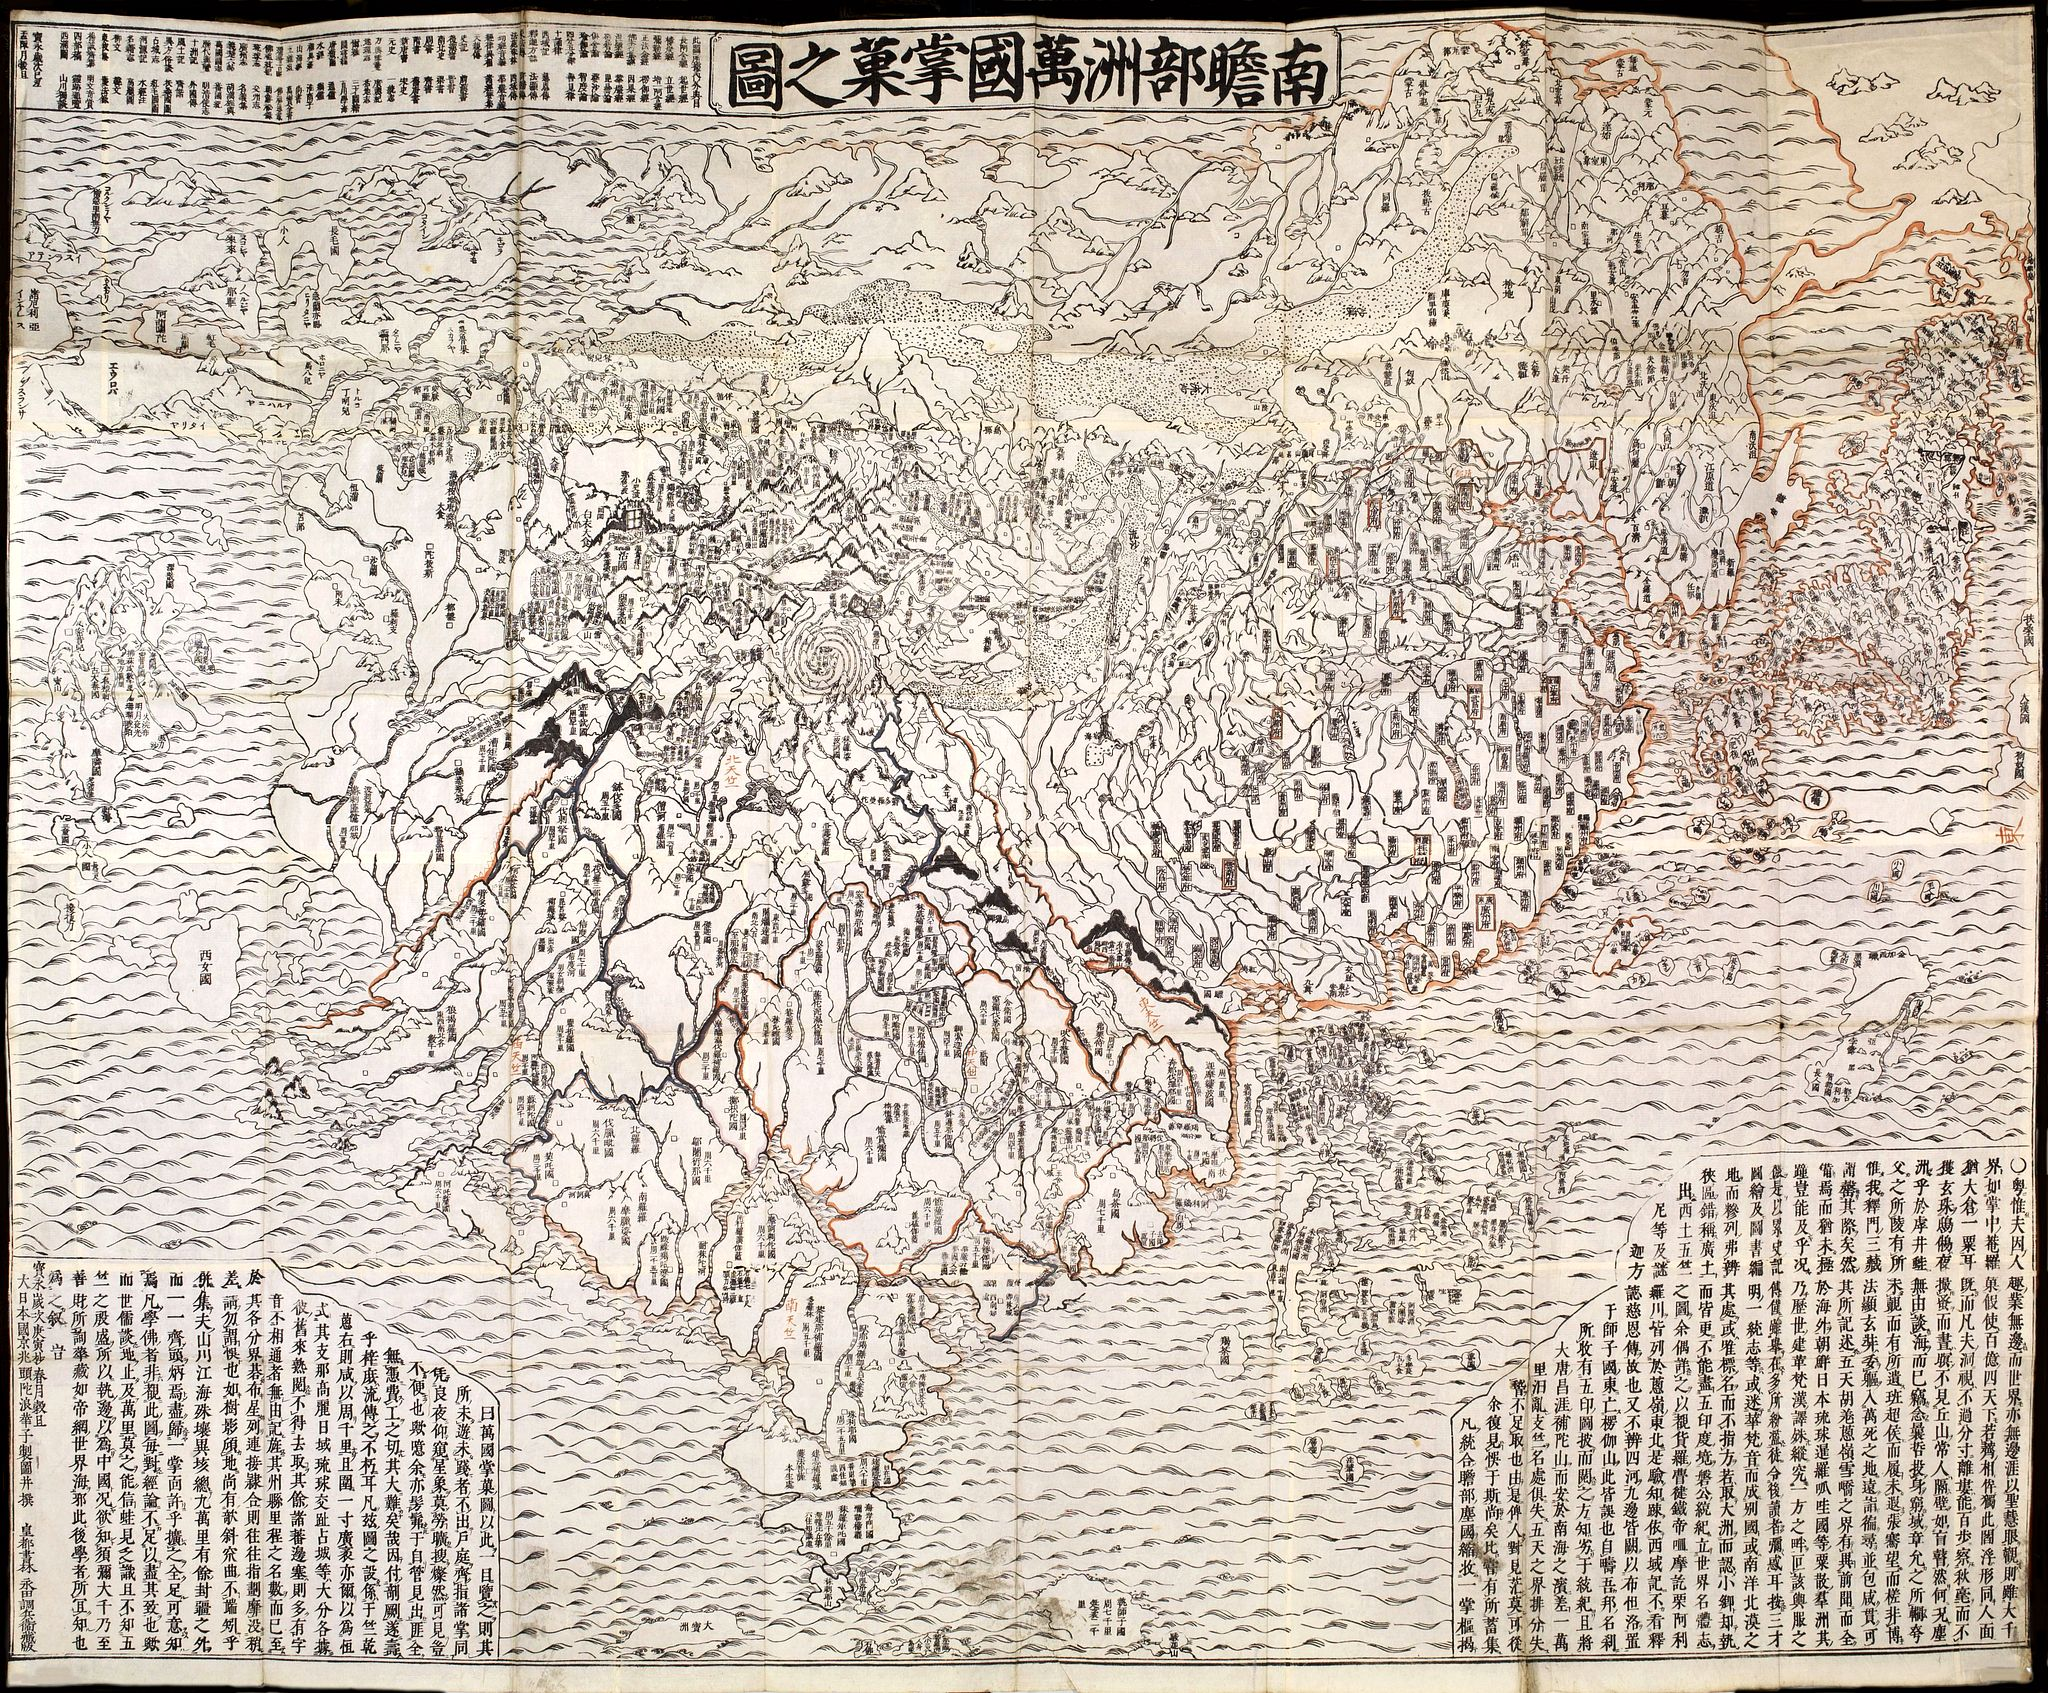 ZUDA  ROKASHI (Priest Motan) -  Nansenbushu bankoku shoka no zu.